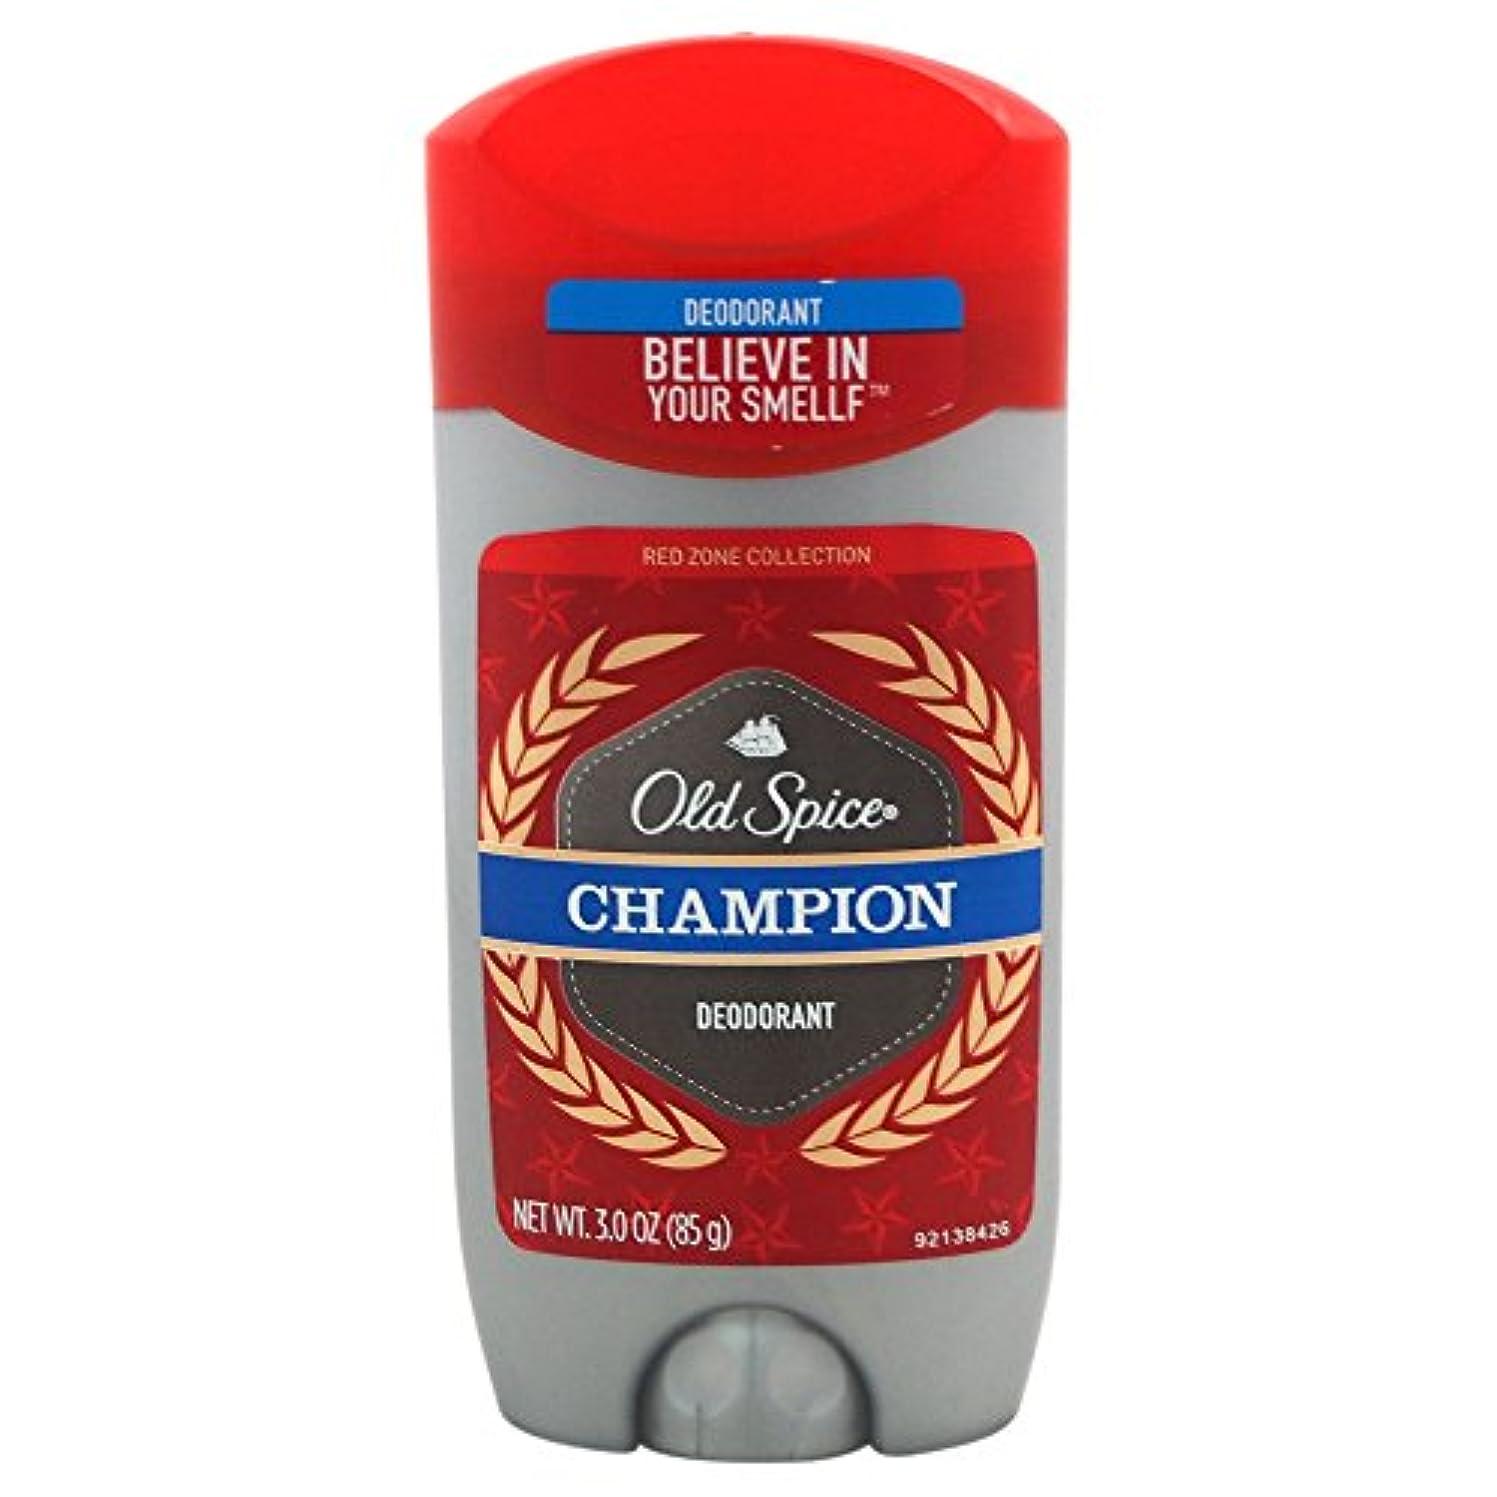 以降ナチュラル横たわるオールドスパイス(Old Spice) Deodorant デオドラント Red zone CHAMPION/チャンピョン 85g[並行輸入品]